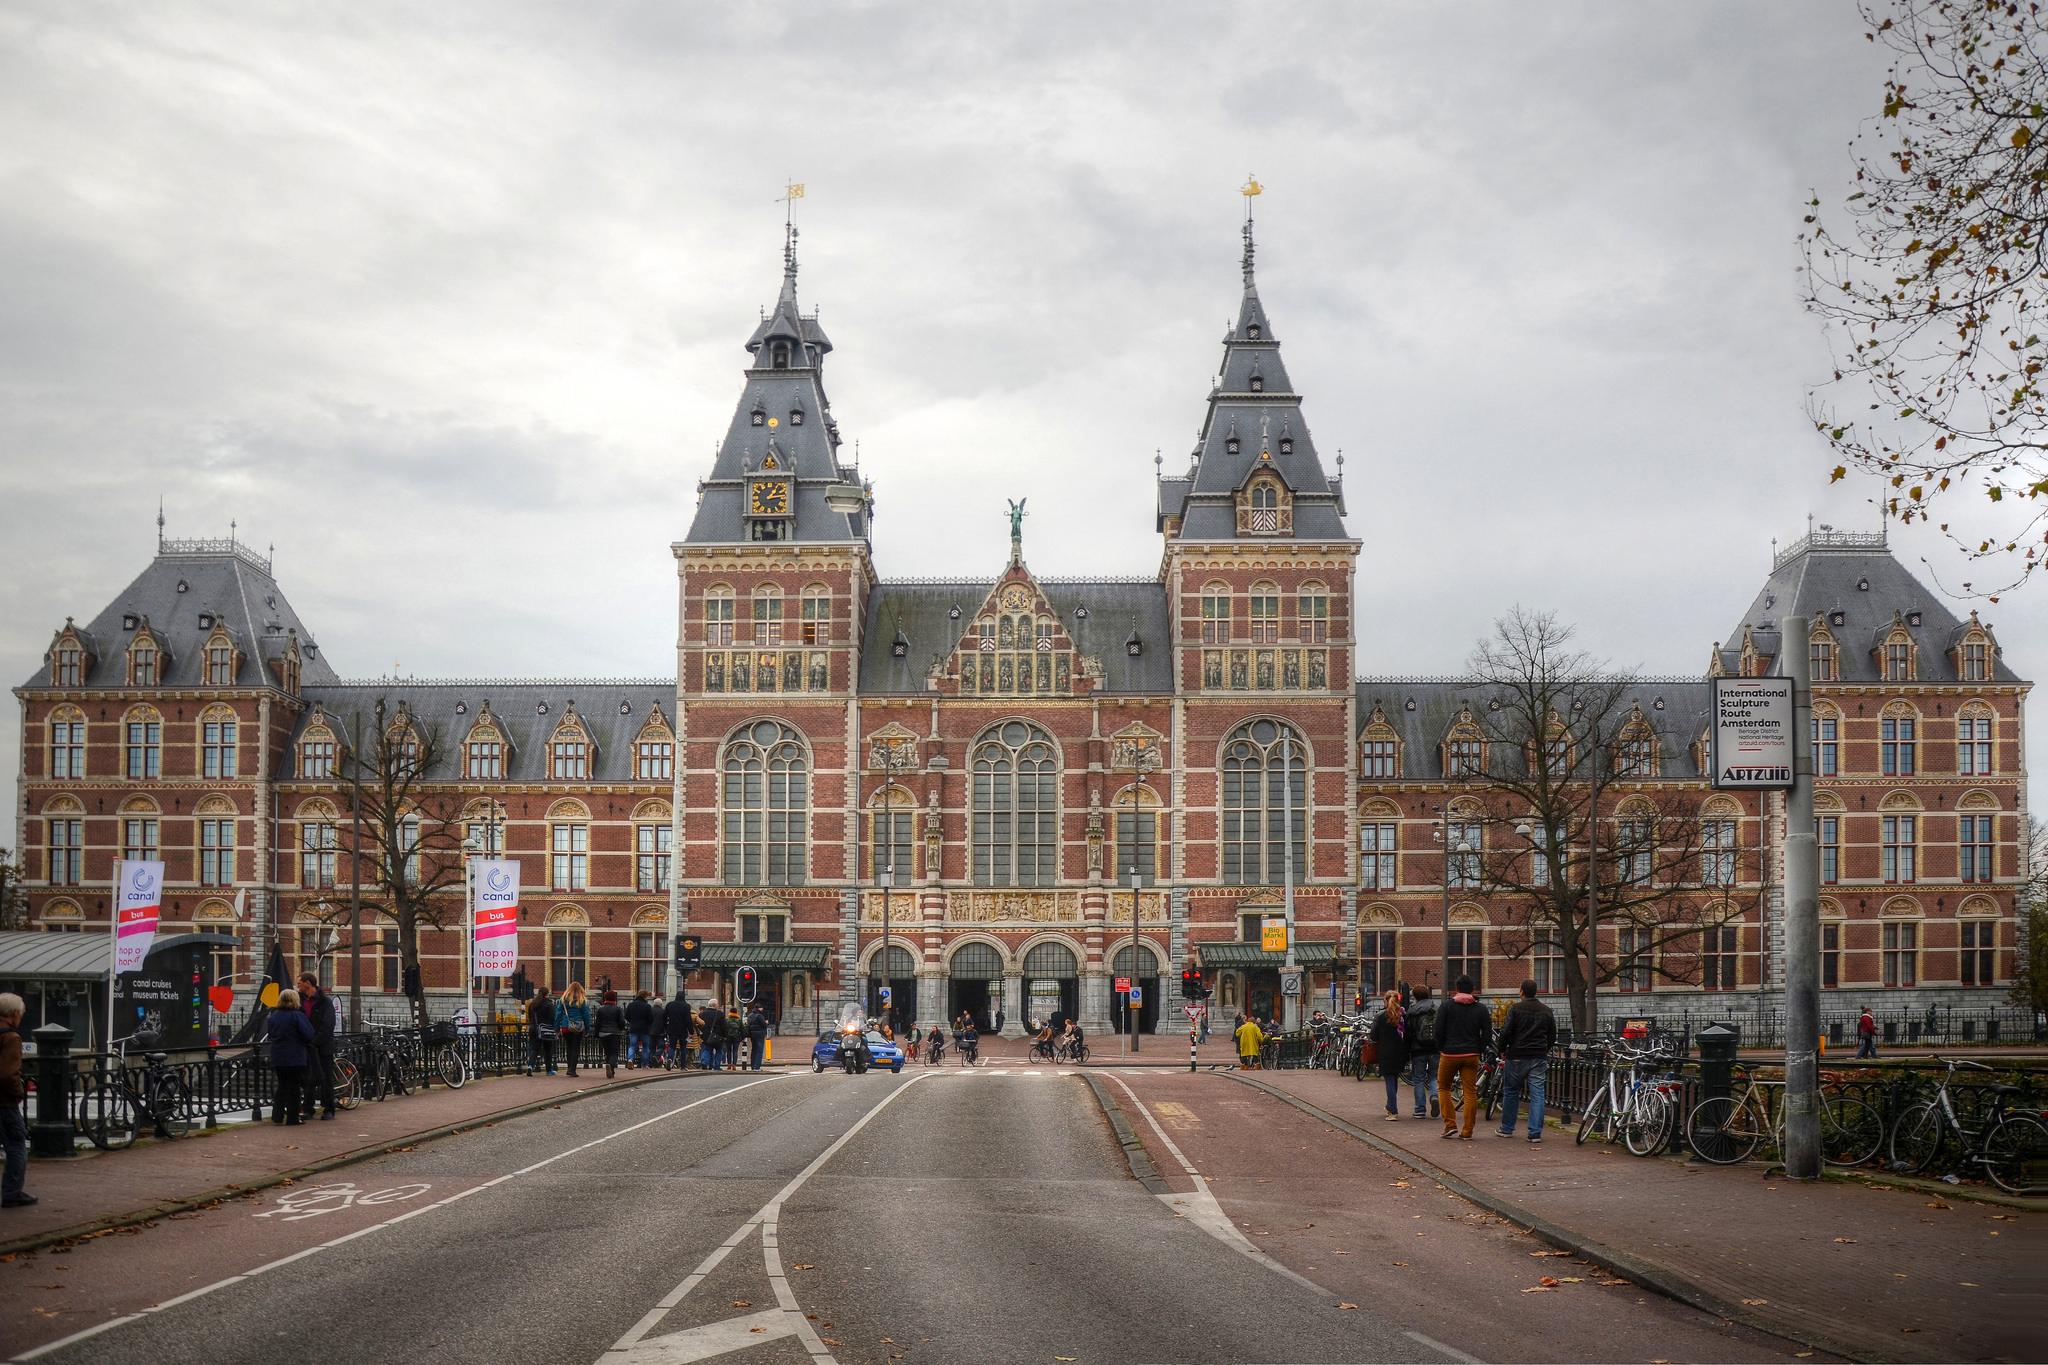 [UPDATE] Gratis naar het Rijksmuseum op 2 juli @ Rijksmuseum